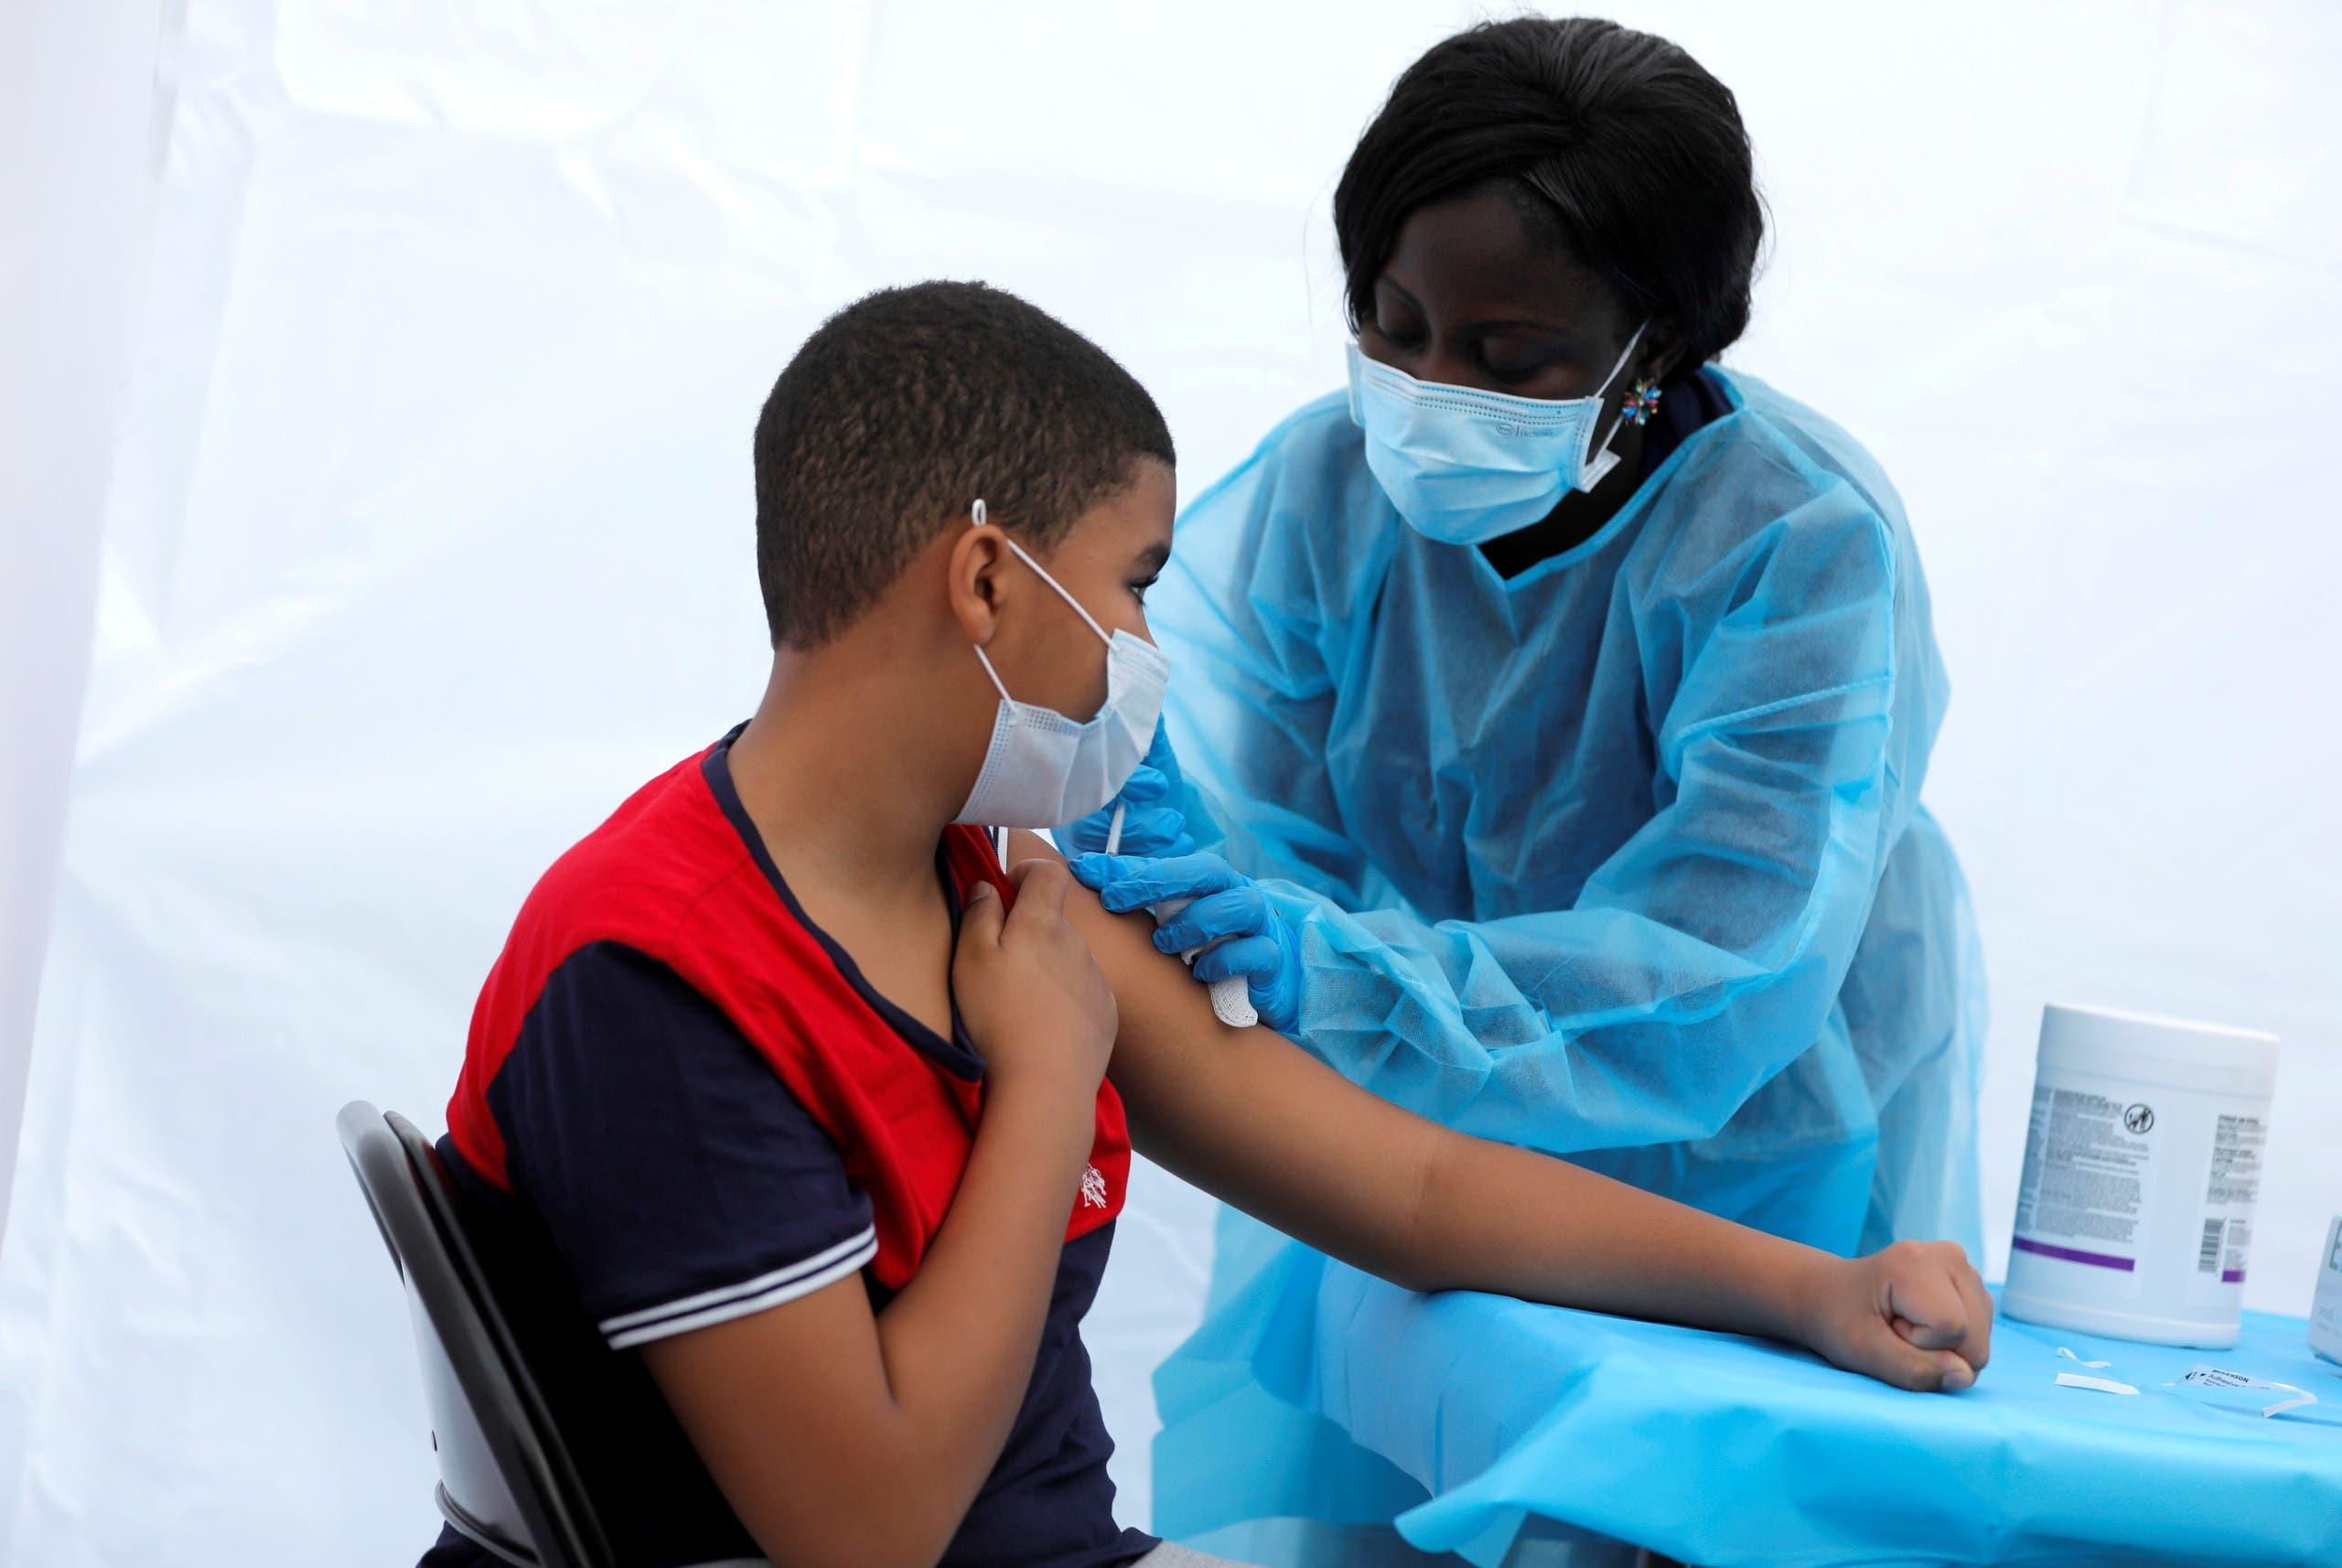 من حملة التطعيم ضد كورونا في نيويورك (أرشيفية)